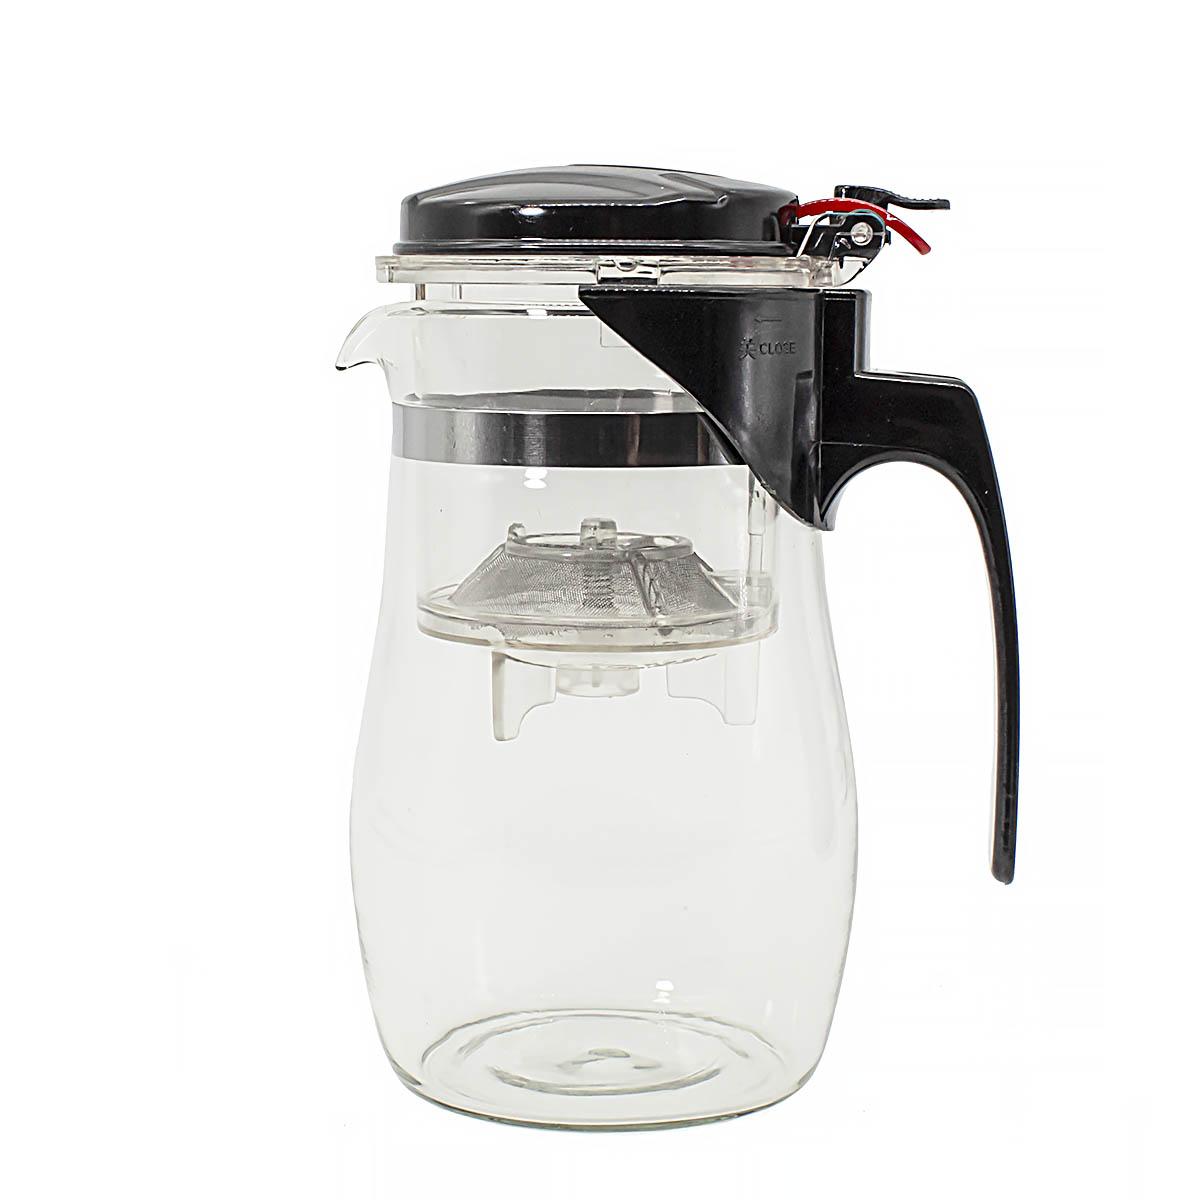 Заварочный чайник Гунфу TeaCup, 900 мл чайник заварочный lefard с бантиком 900 мл 552552